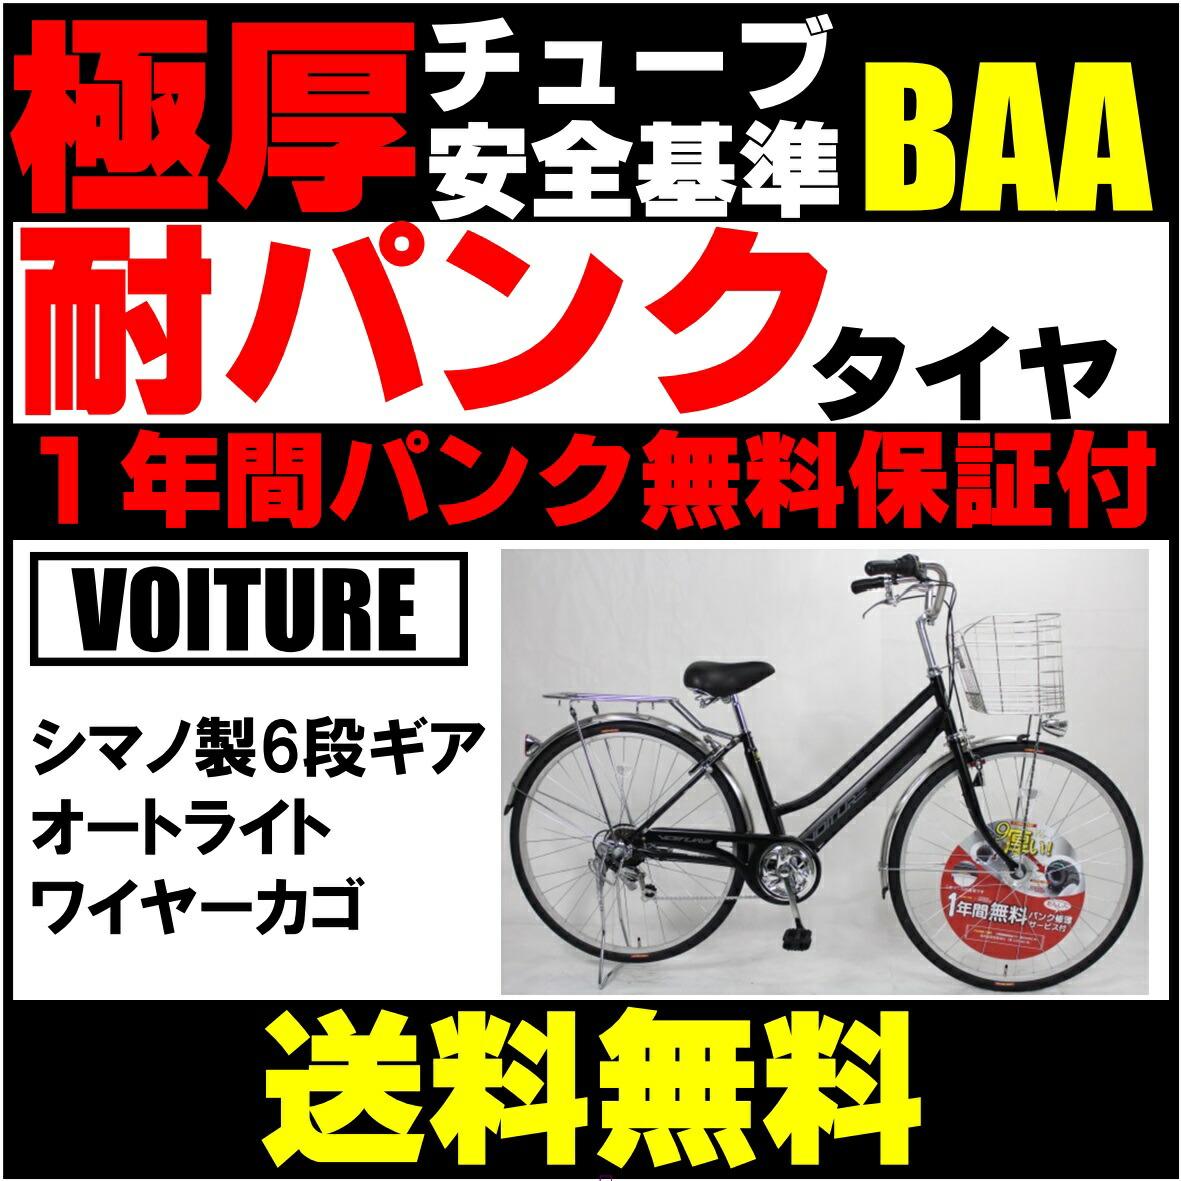 ママチャリ BAA対応 極厚チューブの耐パンクタイヤ 1年間パンク無料補償 自転車 ブラック 黒 27インチ ママチャリ 6段ギア LEDオートライトのママチャリ VOITUREツヨ BAA ファミリー自転車 軽快車 17TY 276F HD BAA